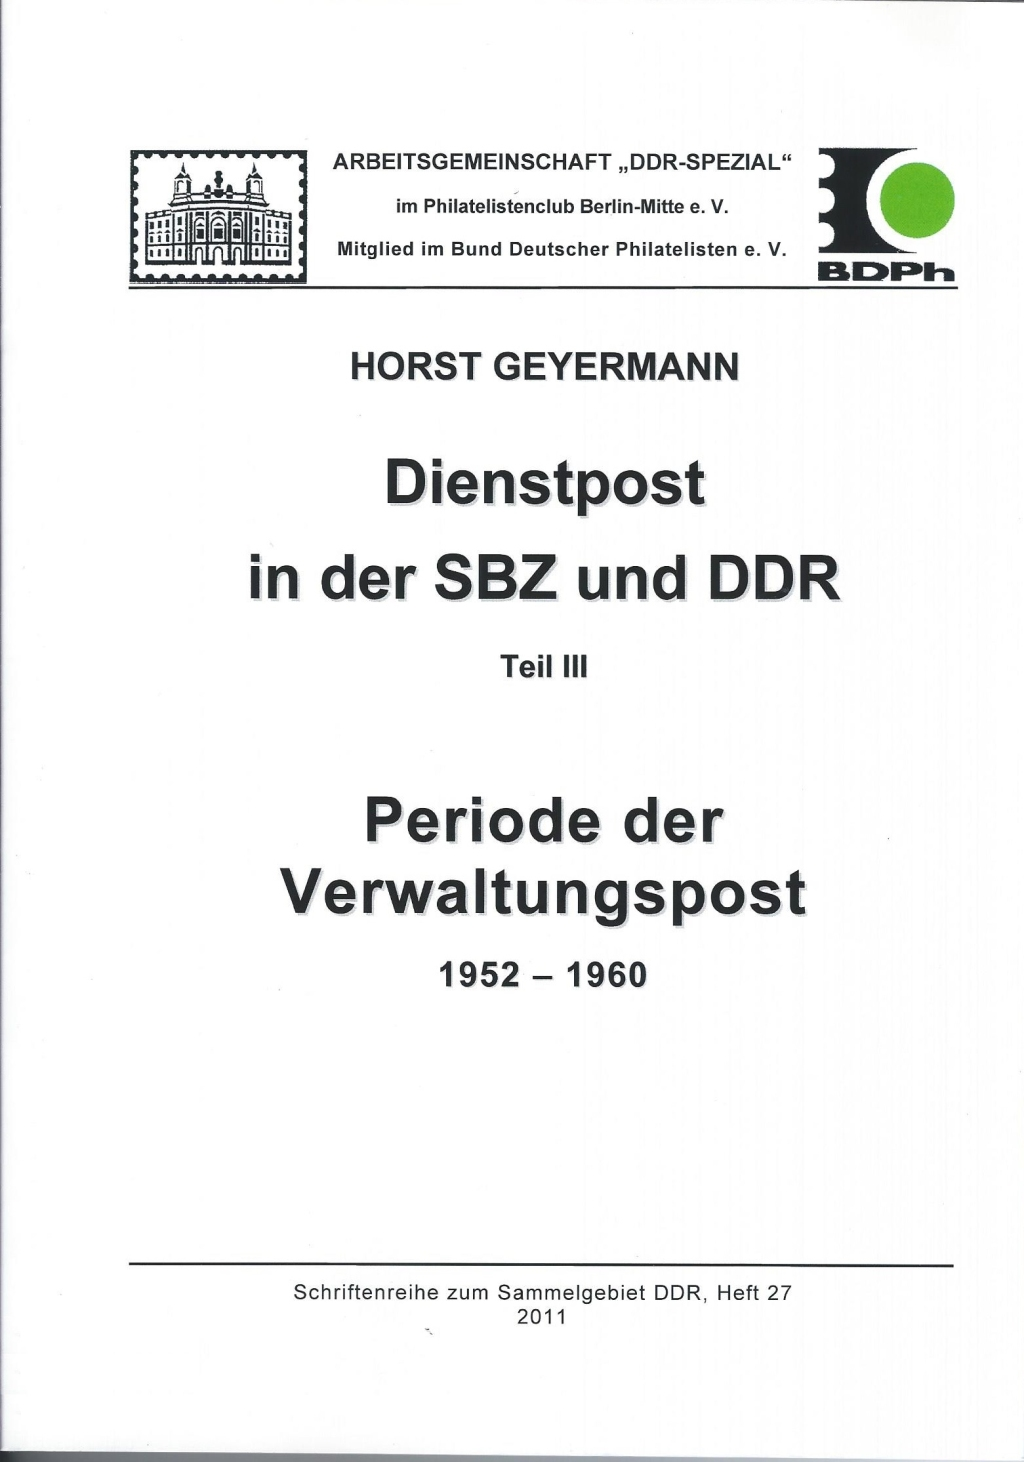 DDR Philatelie Literatur Dienstpost Verwaltungspost